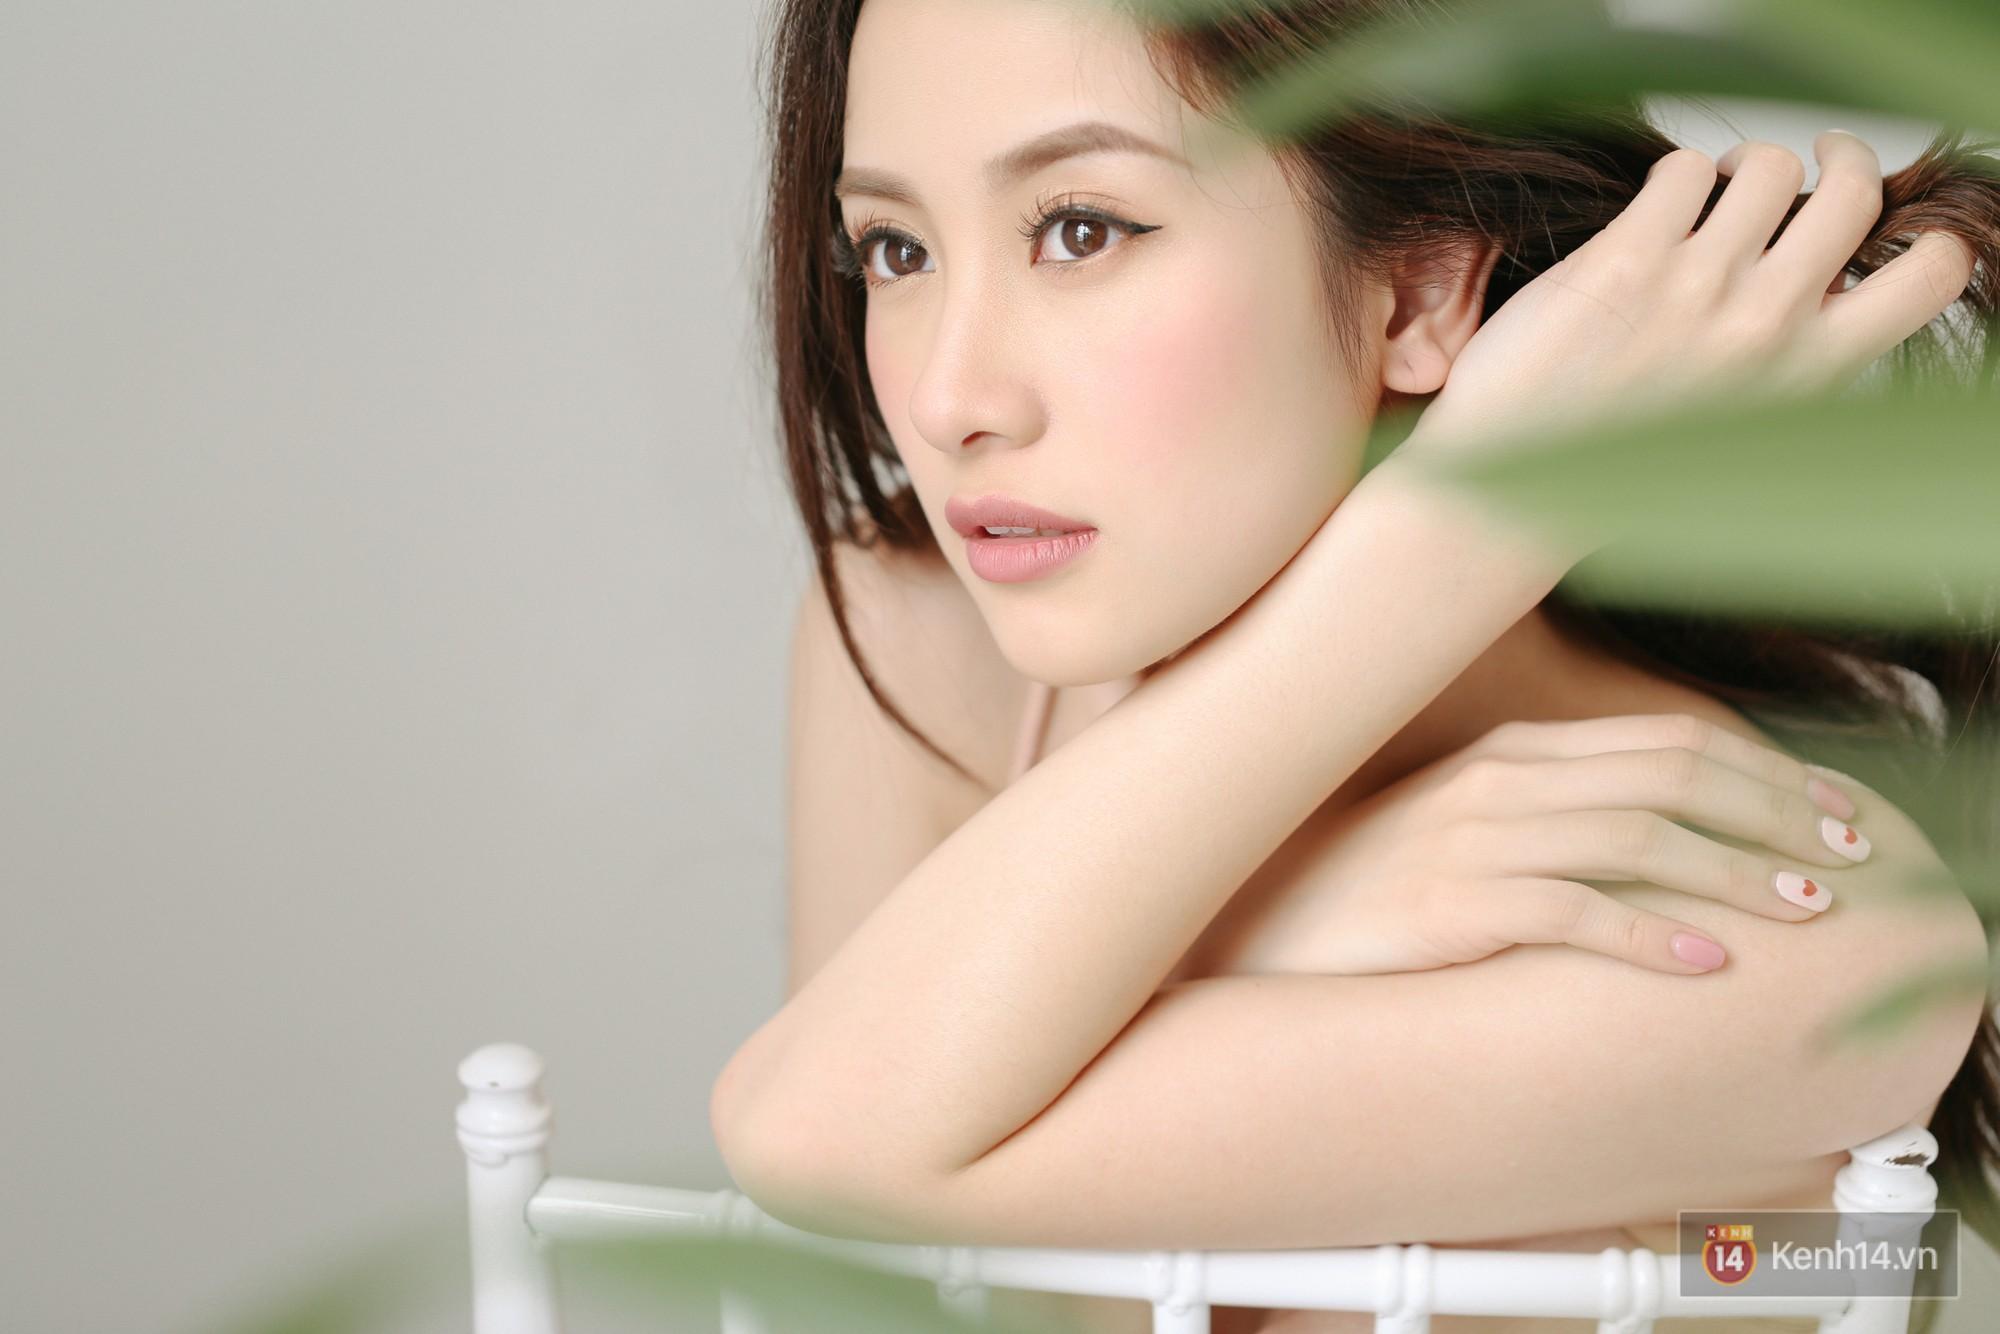 Jun Vũ sau khi nâng ngực: Không hiểu mọi người tiếc cái gì nữa, mặt mình vẫn như cũ, tính cách hay con người có thay đổi đâu - Ảnh 4.